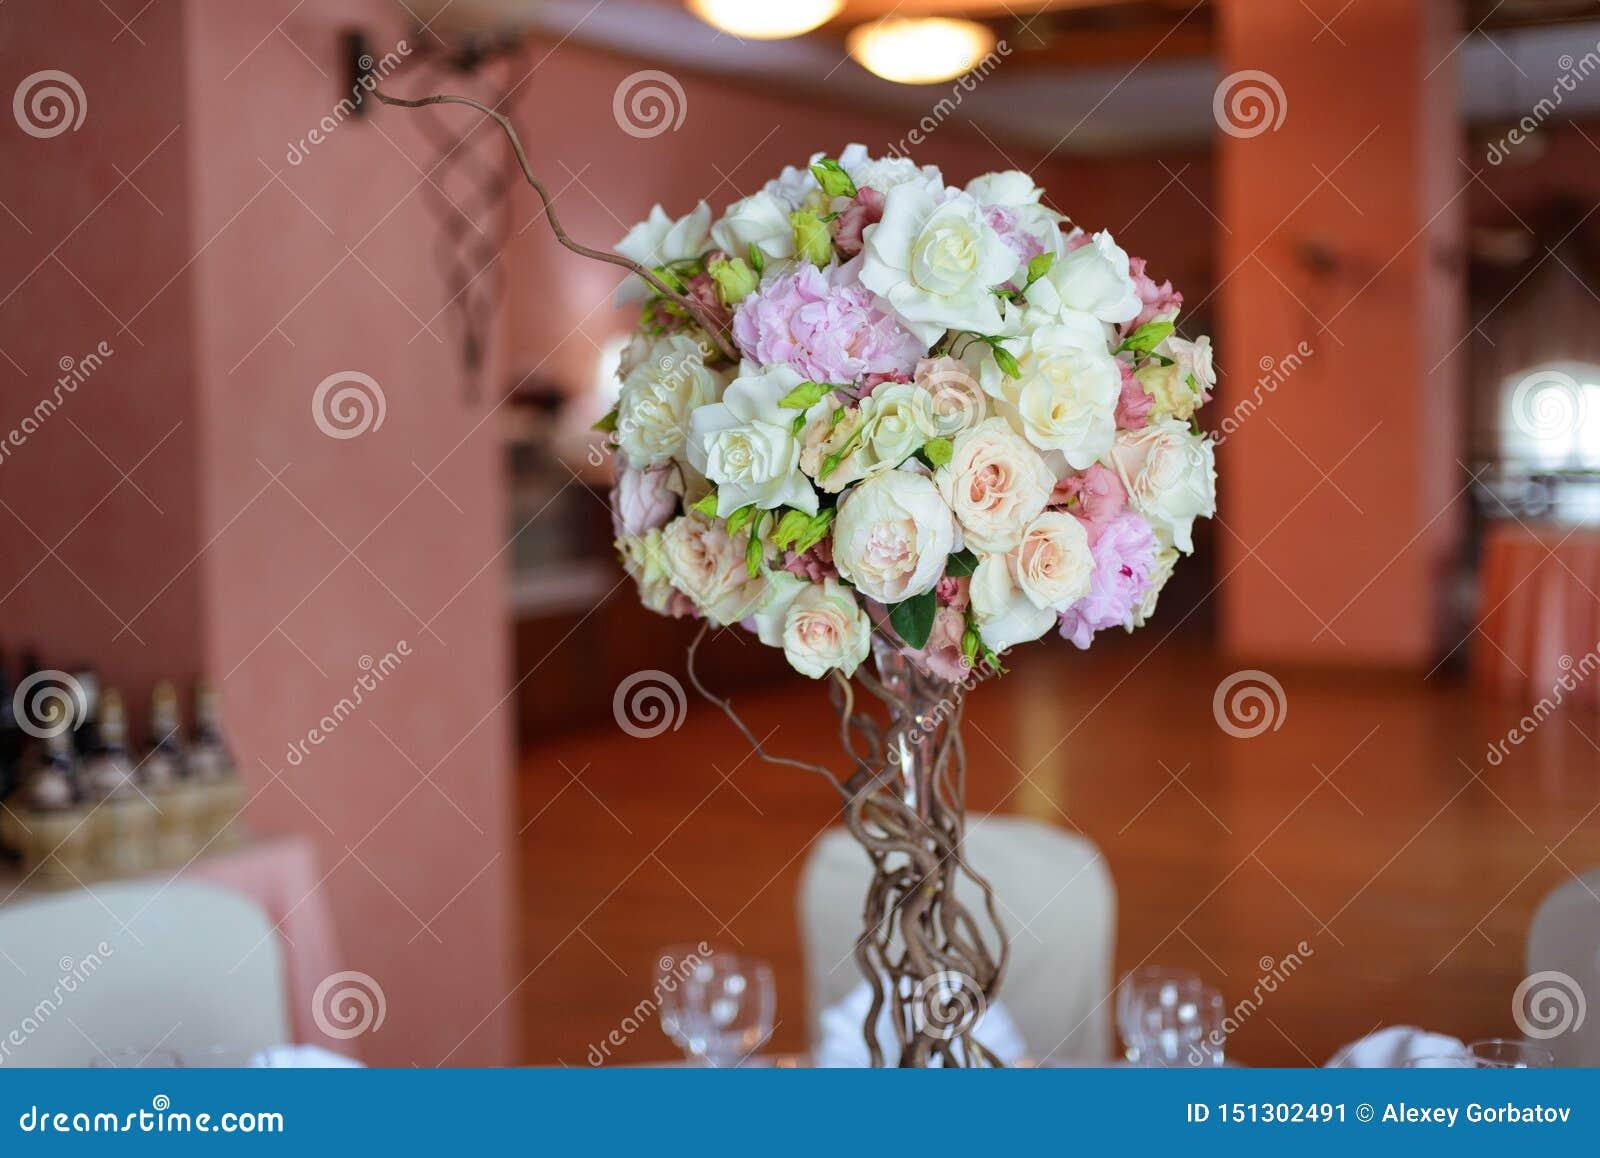 Η ανθοδέσμη των λουλουδιών σε ένα πόδι στο εσωτερικό του εστιατορίου για έναν εορτασμό ψωνίζει floristry ή σαλόνι γάμου